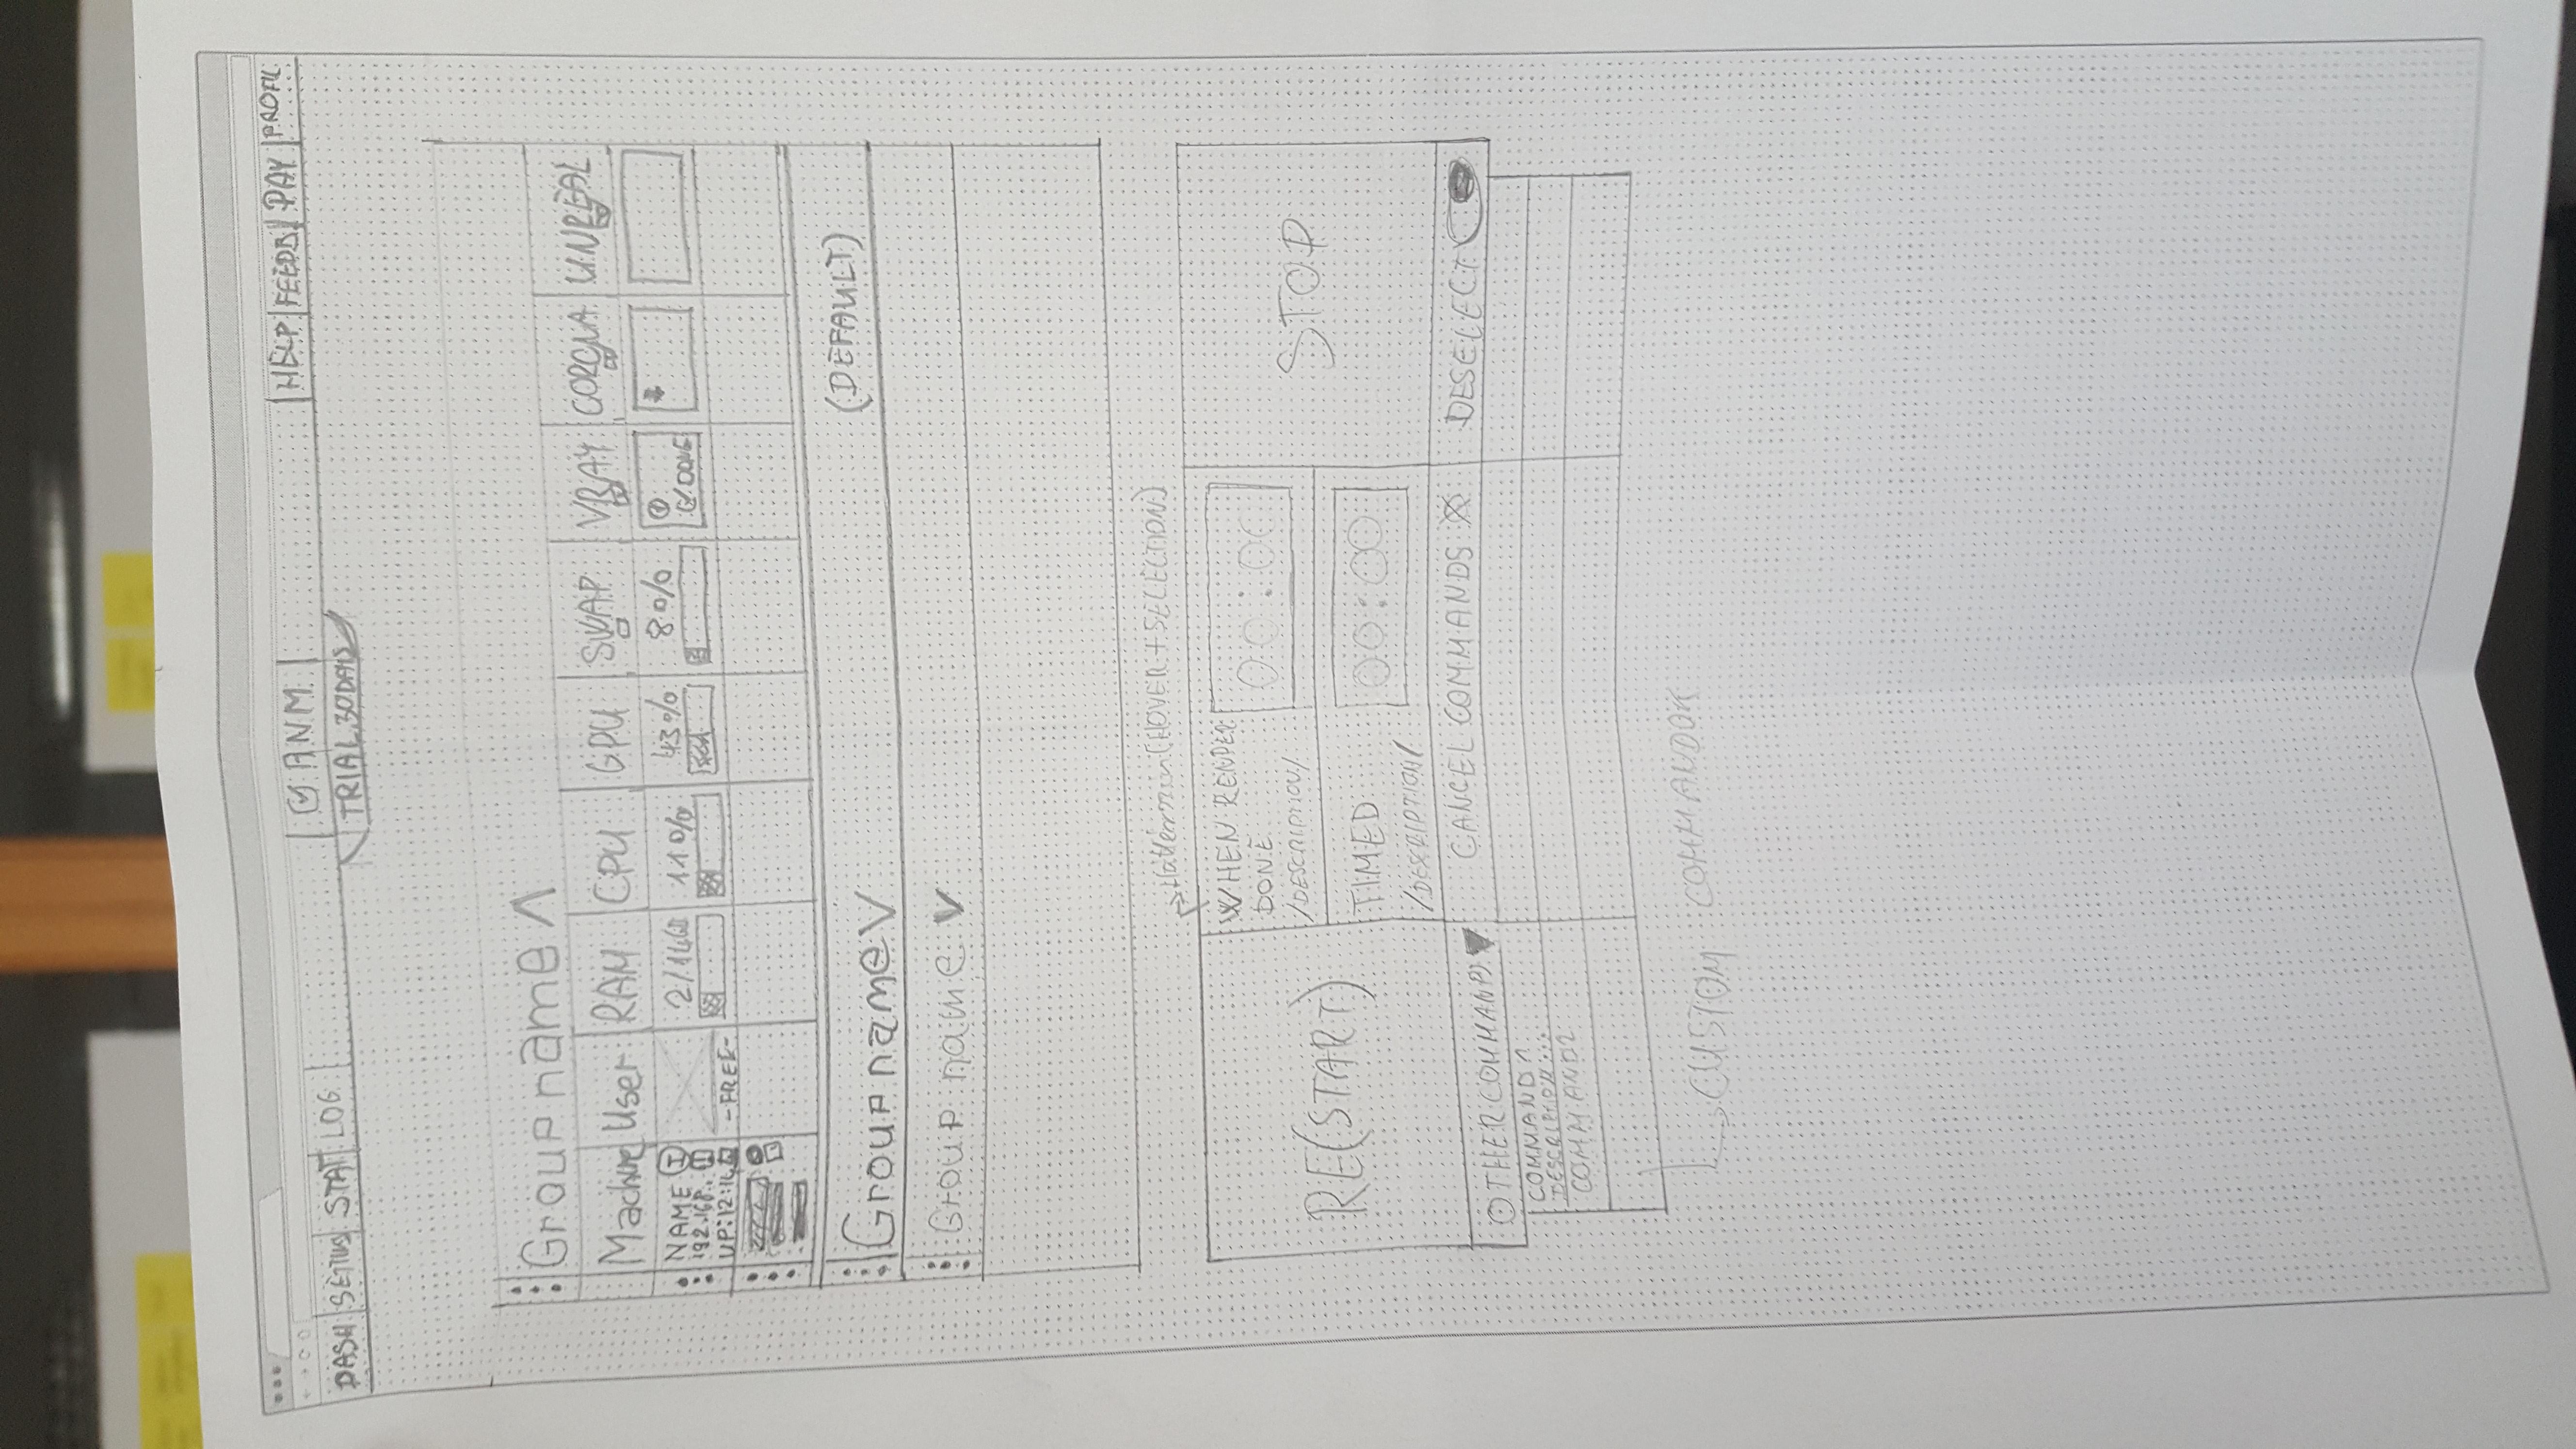 Dashboard - Teljes funkcionalitás